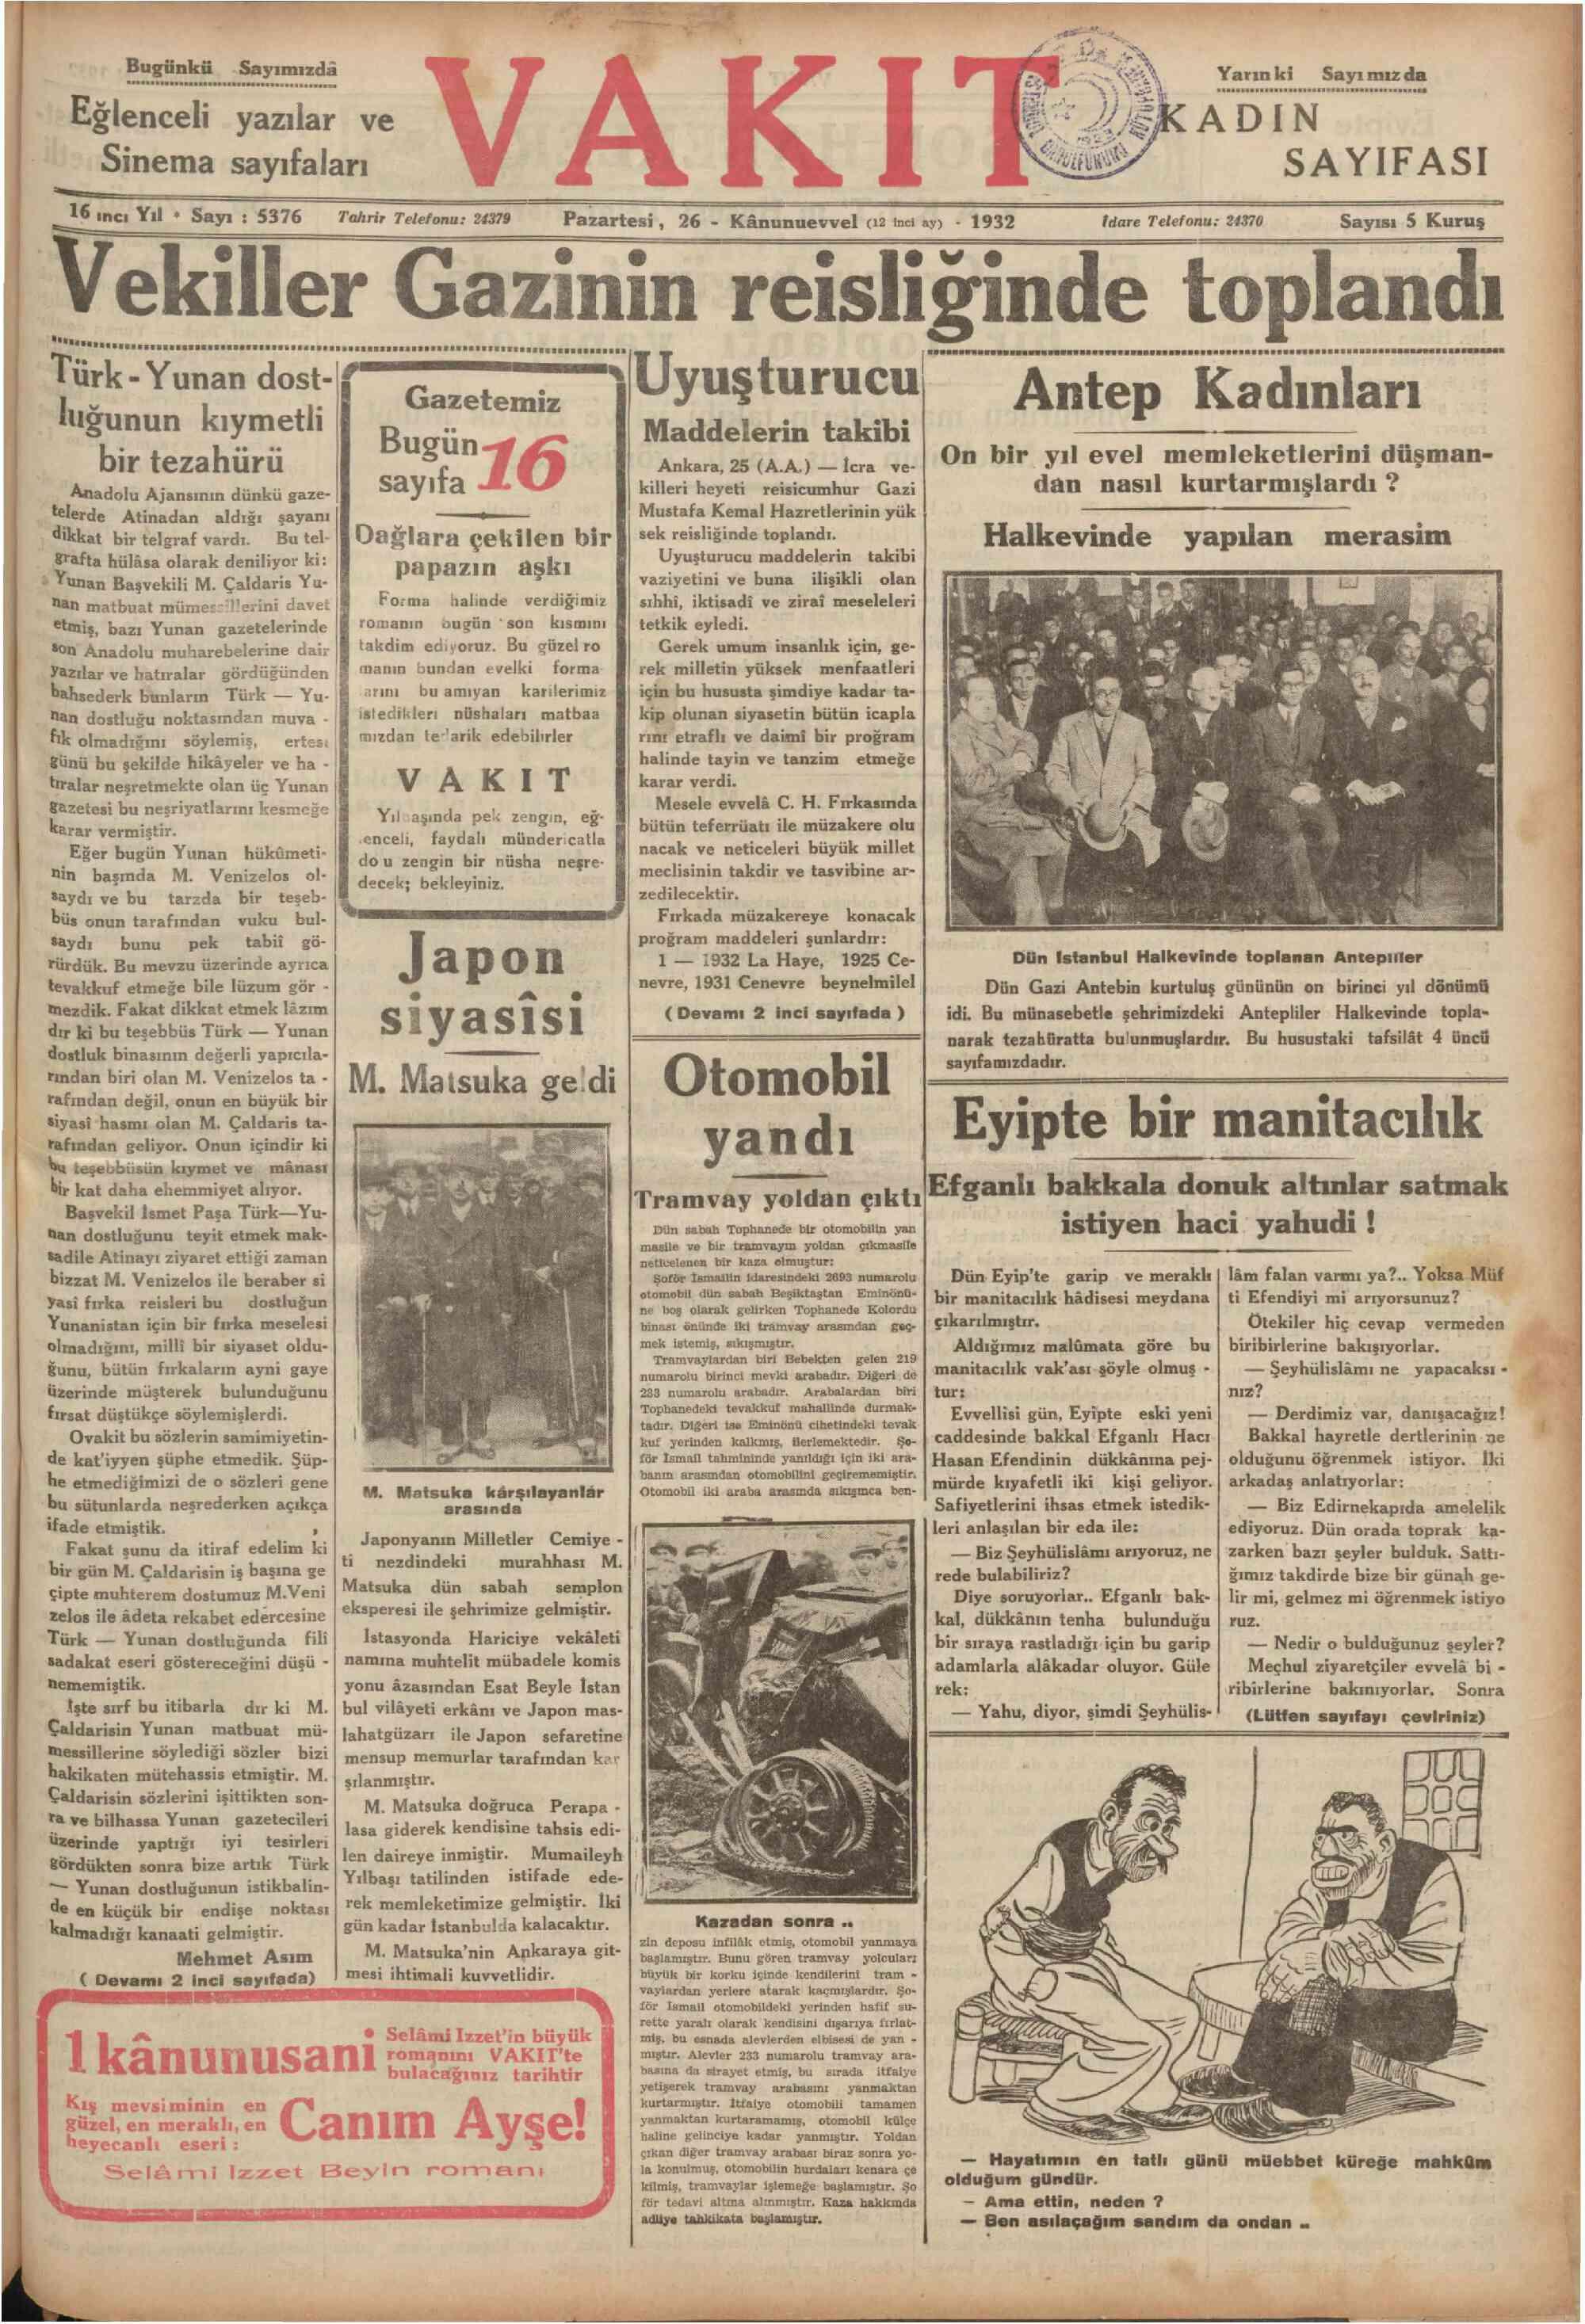 26 Aralık 1932 Tarihli Vakit Gazetesi Sayfa 1